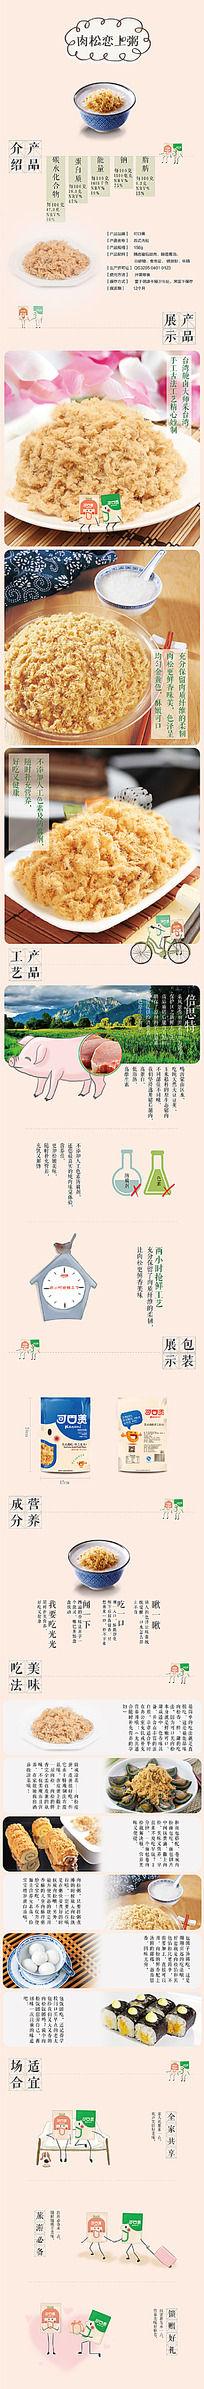 天猫苏式肉松宝贝描述详情页